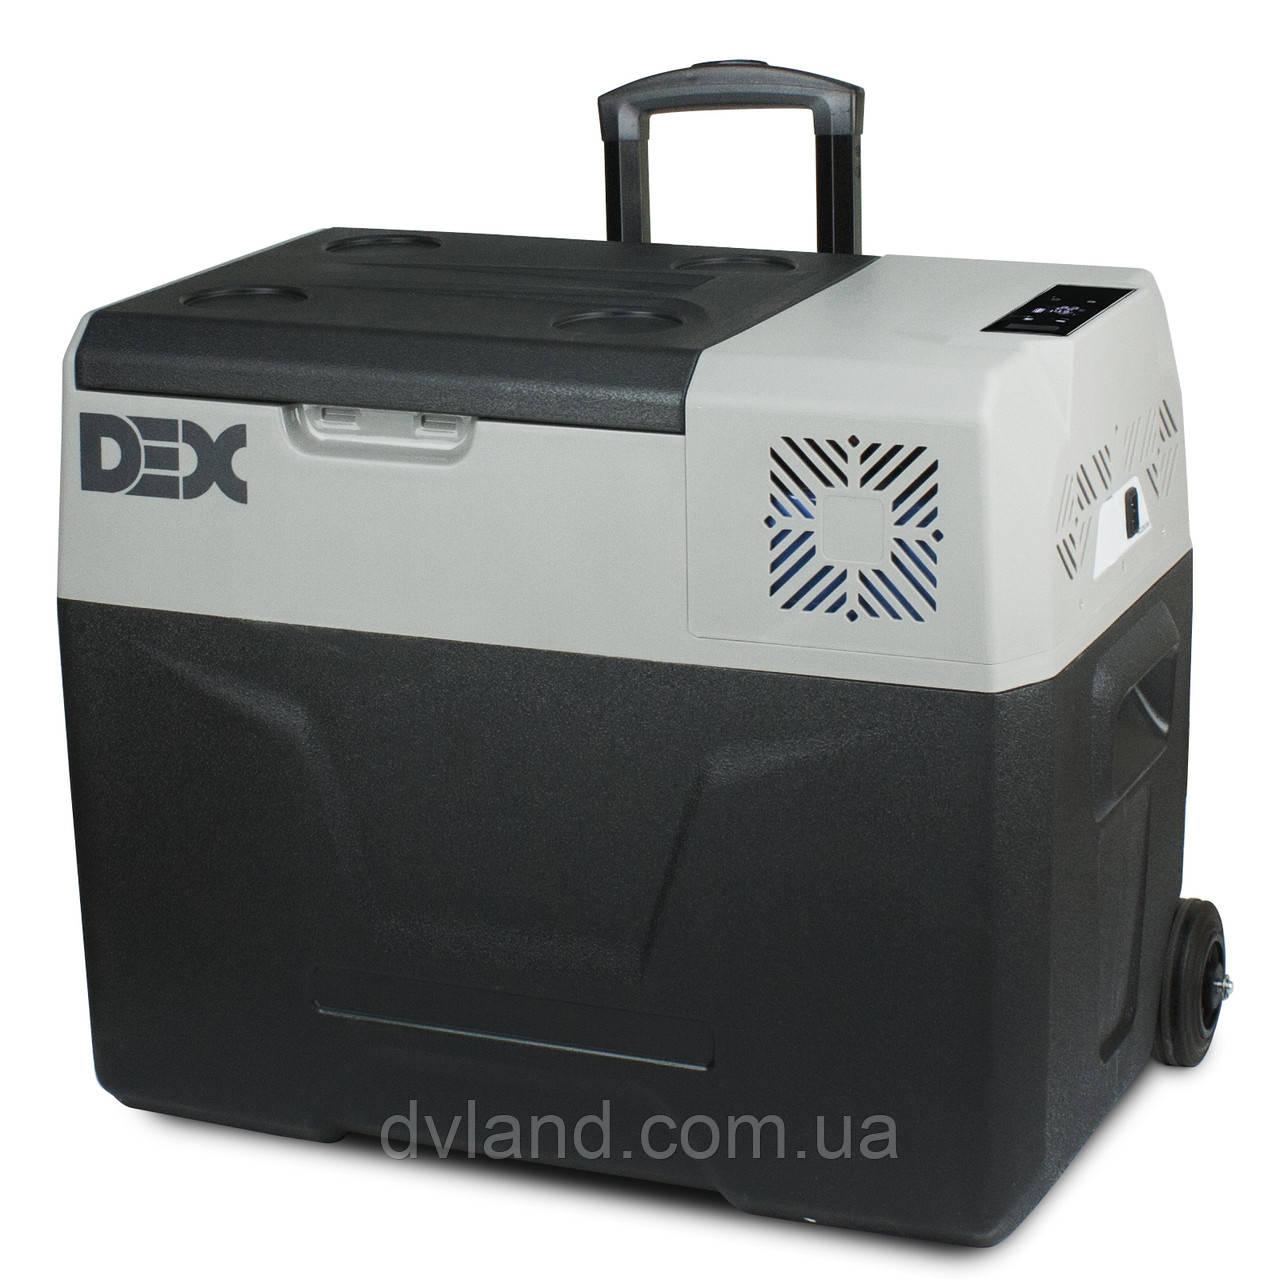 Автохолодильник-морозильник DEX CX-40 39л Компрессорный